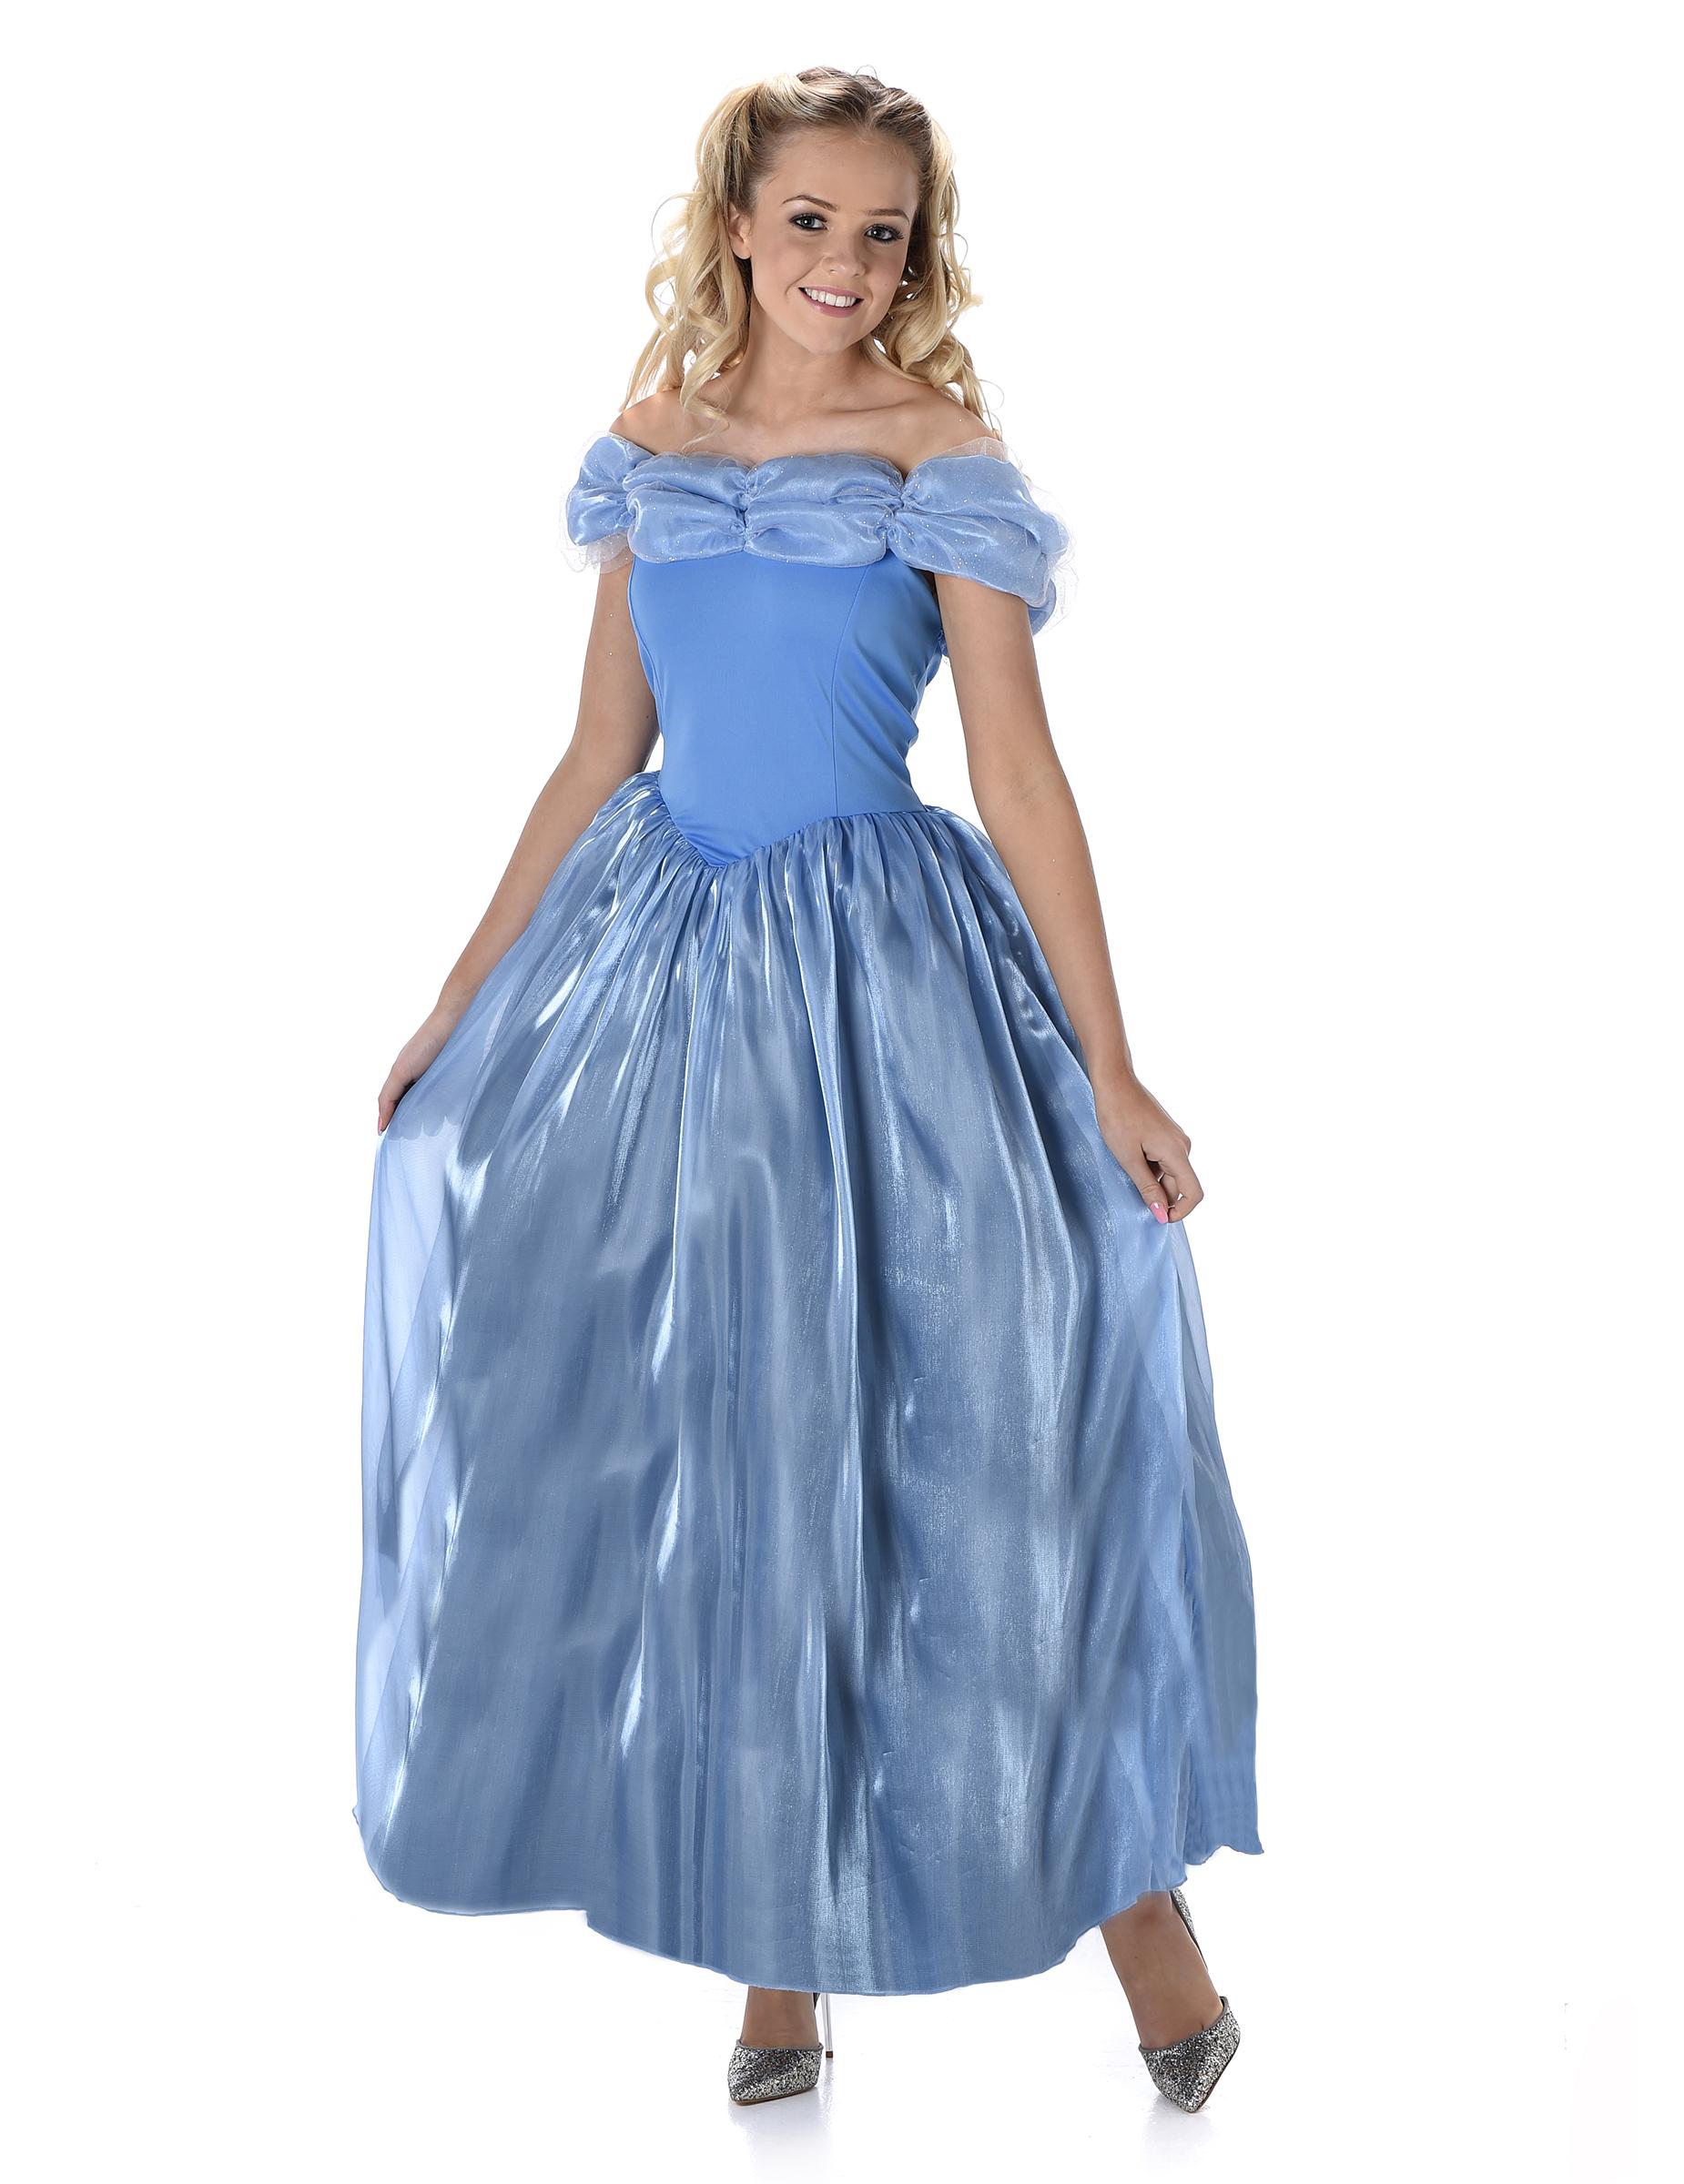 Costume da principessa di mezzanotte donna ff677929b26